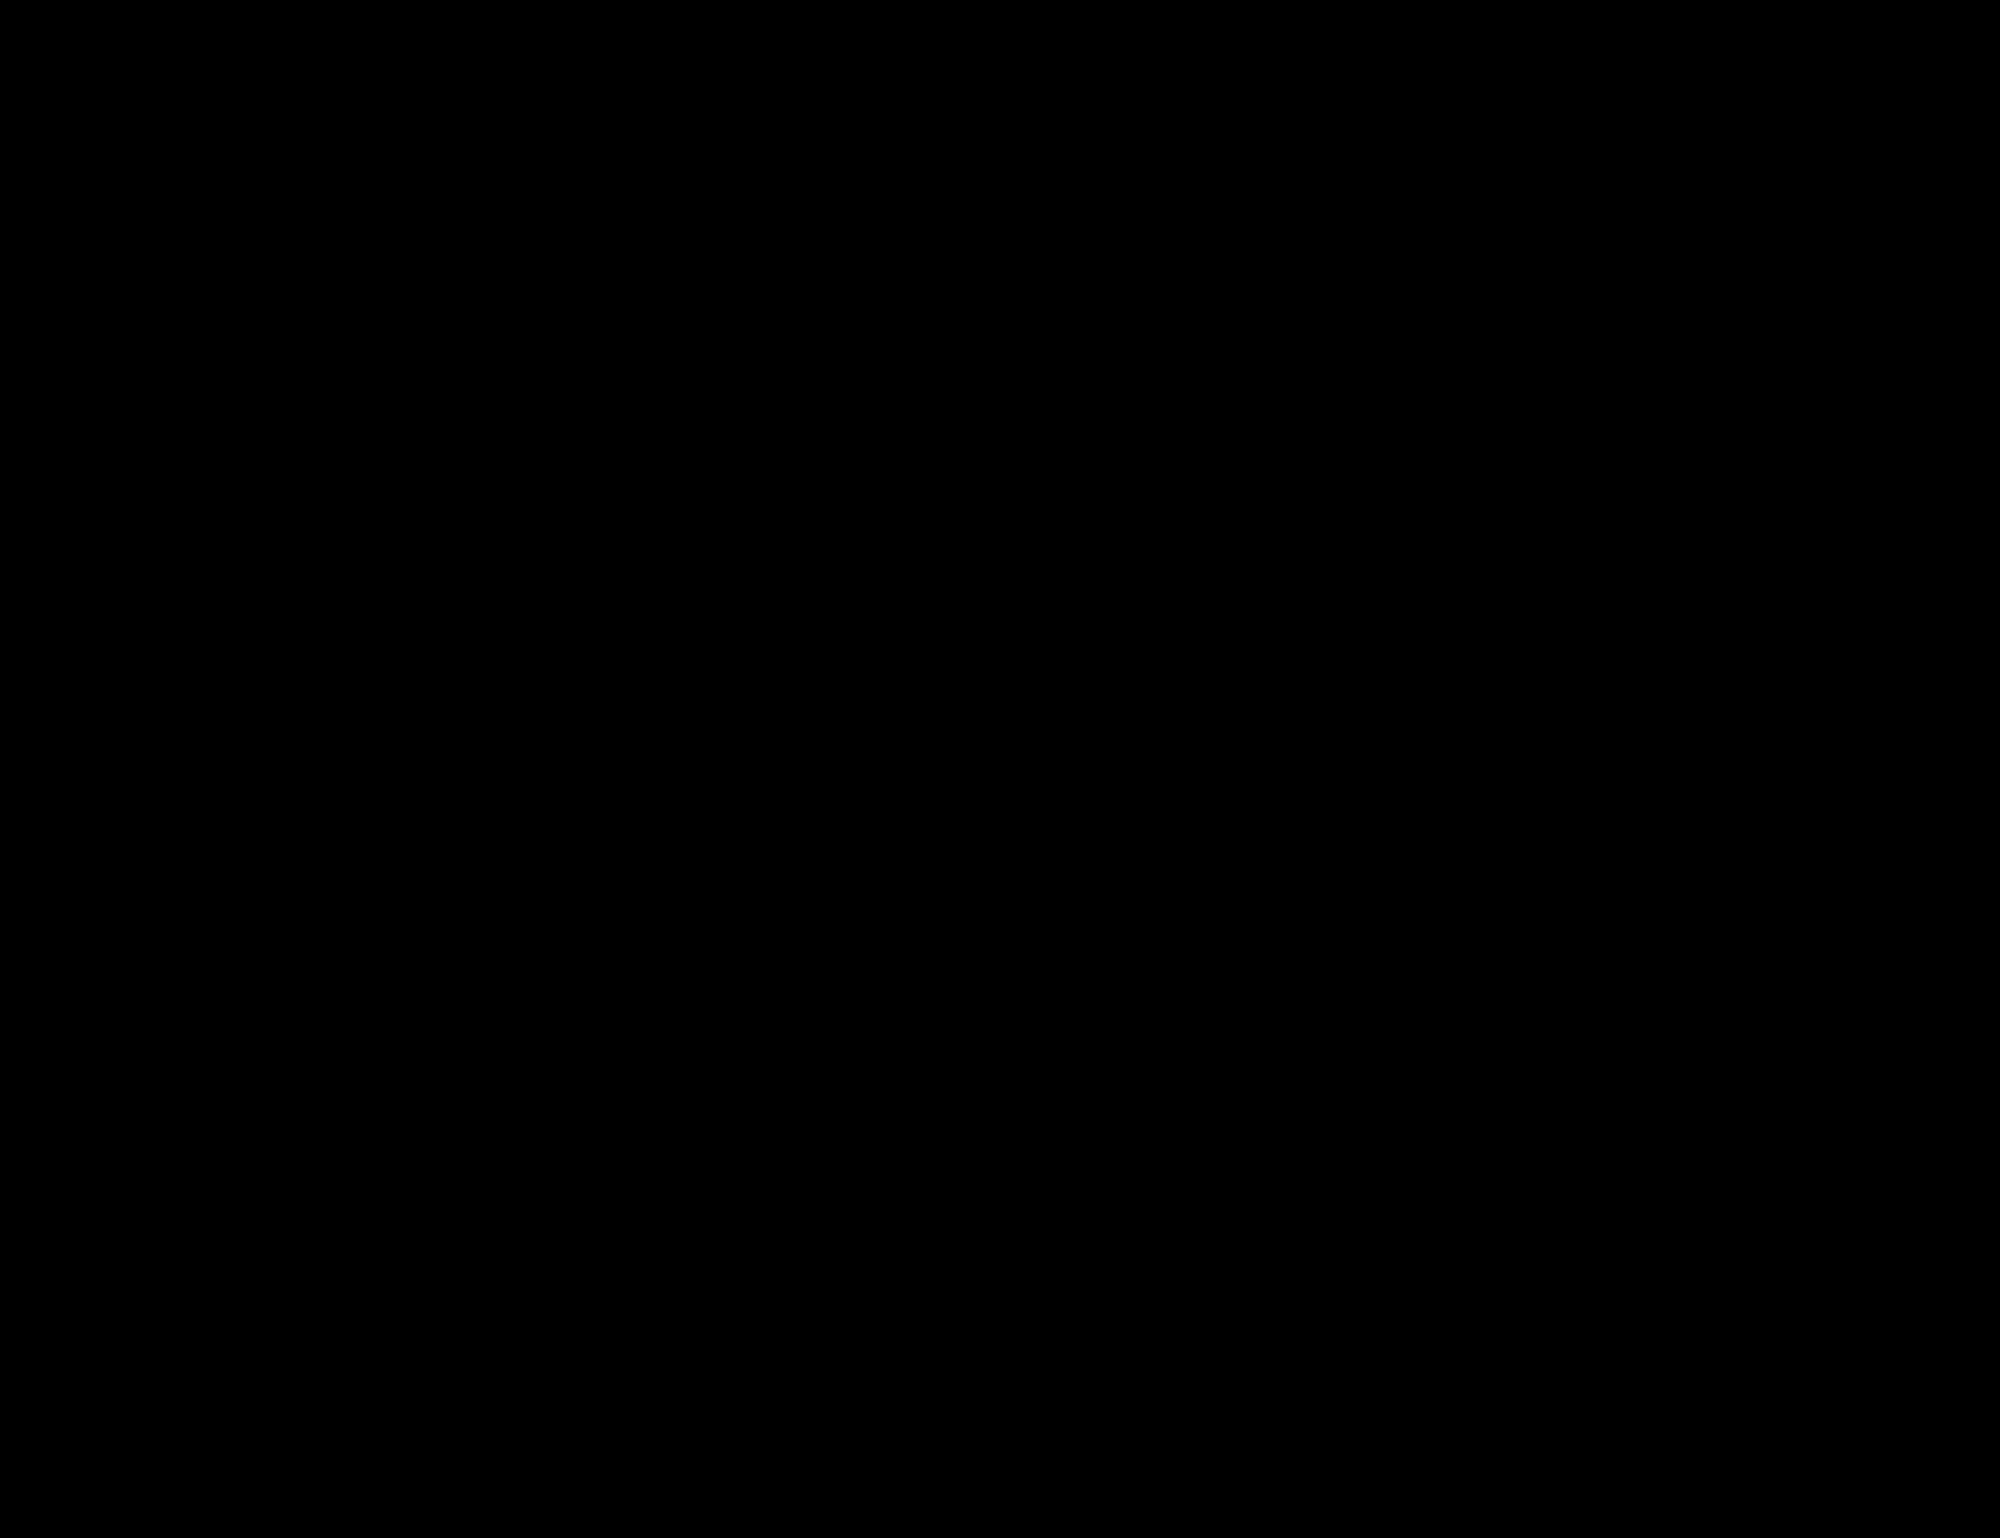 Lopolopo-logo-no tagline-2000pz.png